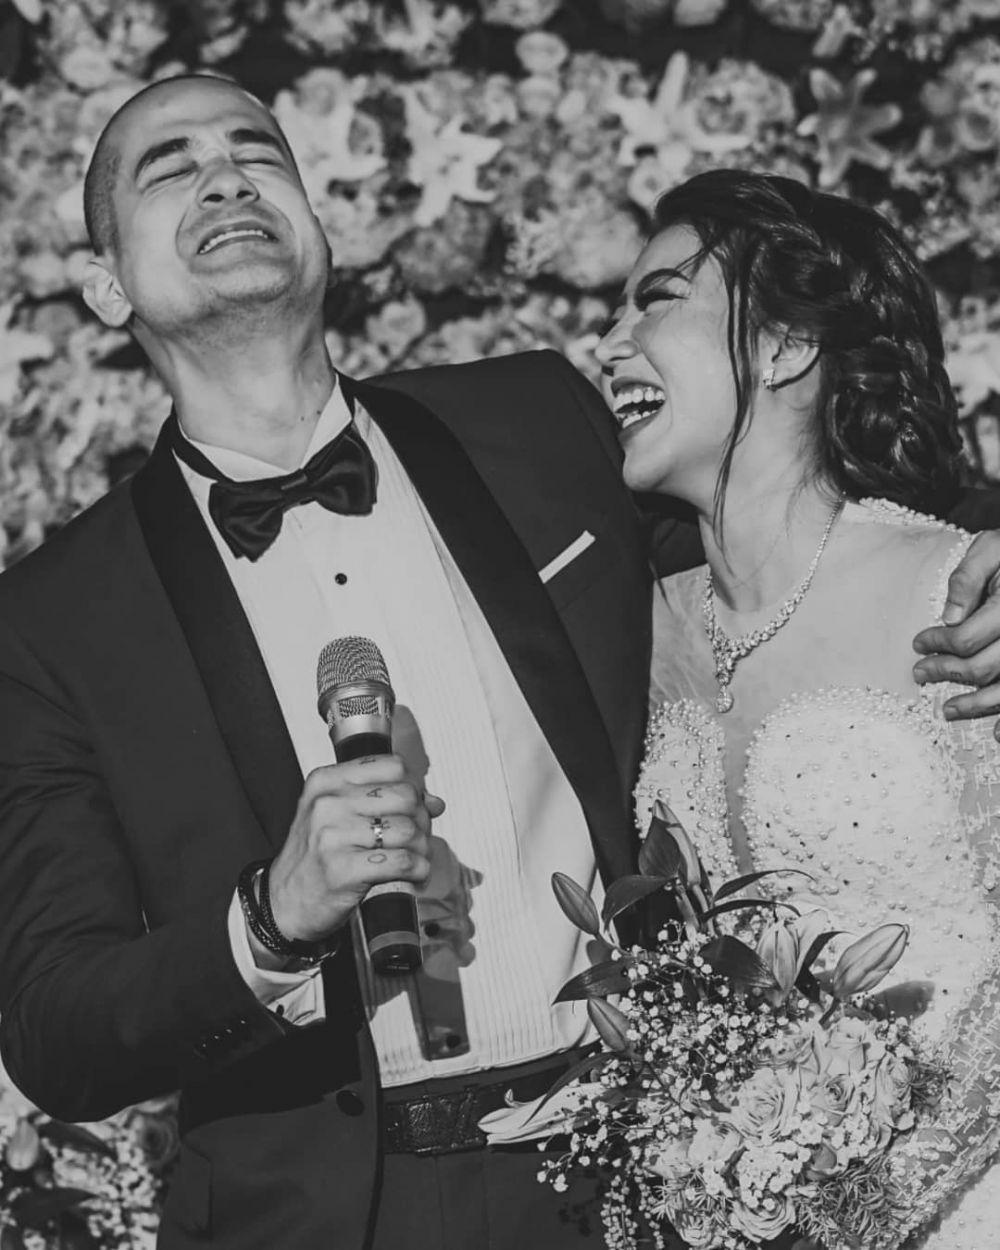 seleb ini pilih menikah di hari ulang tahun © 2018 berbagai sumber